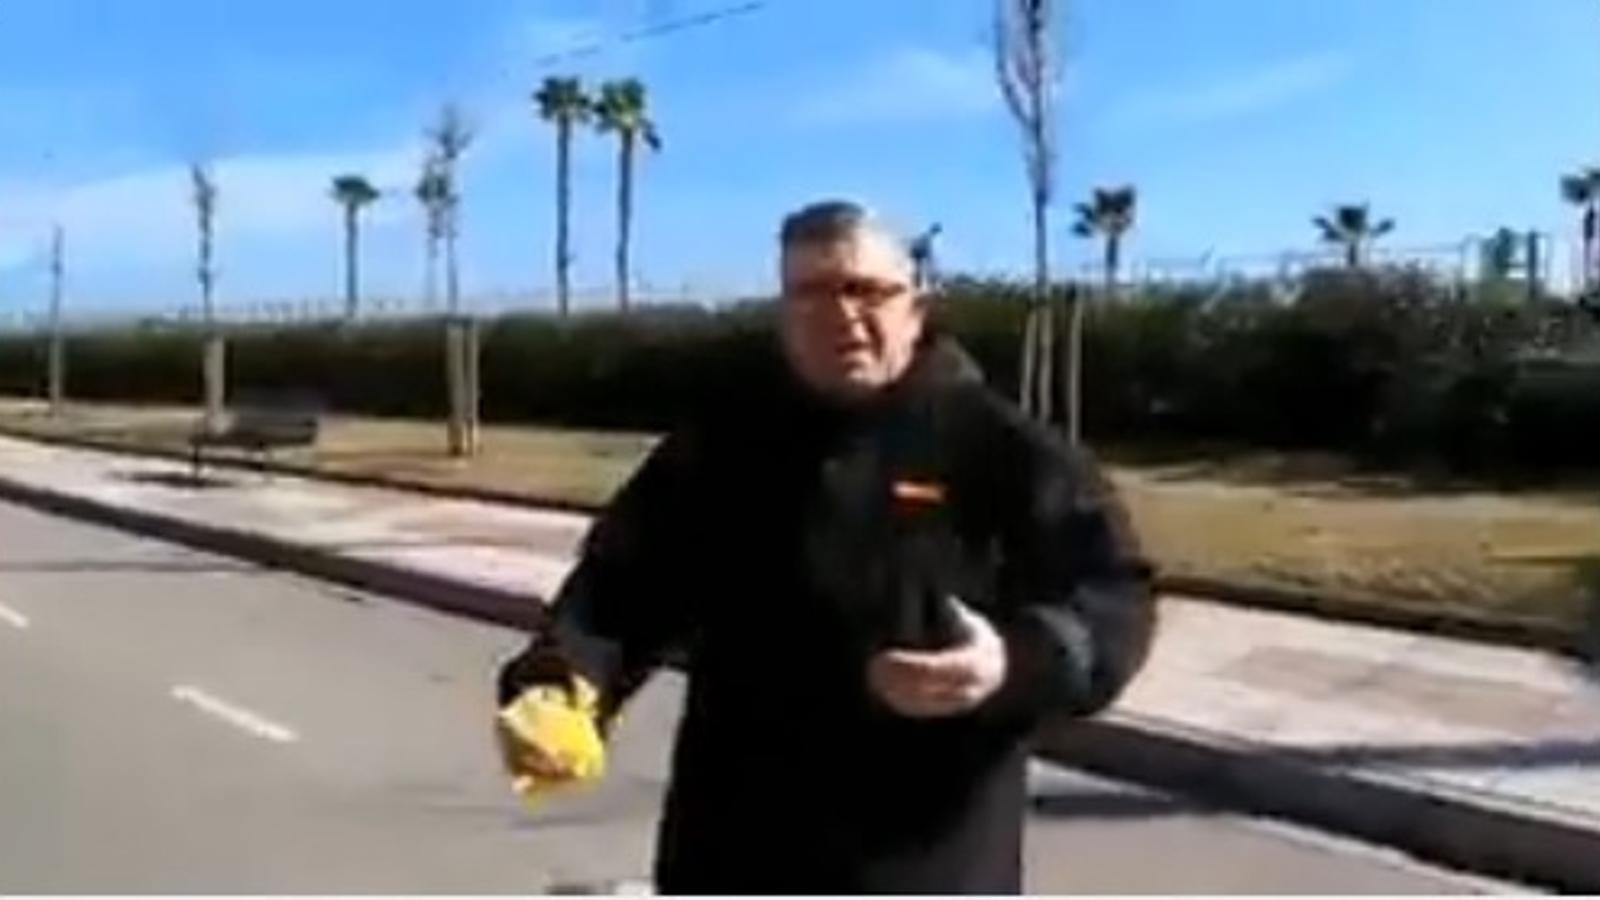 Vídeo accidental d'unes amenaces per uns llaços grocs a Pineda de Mar